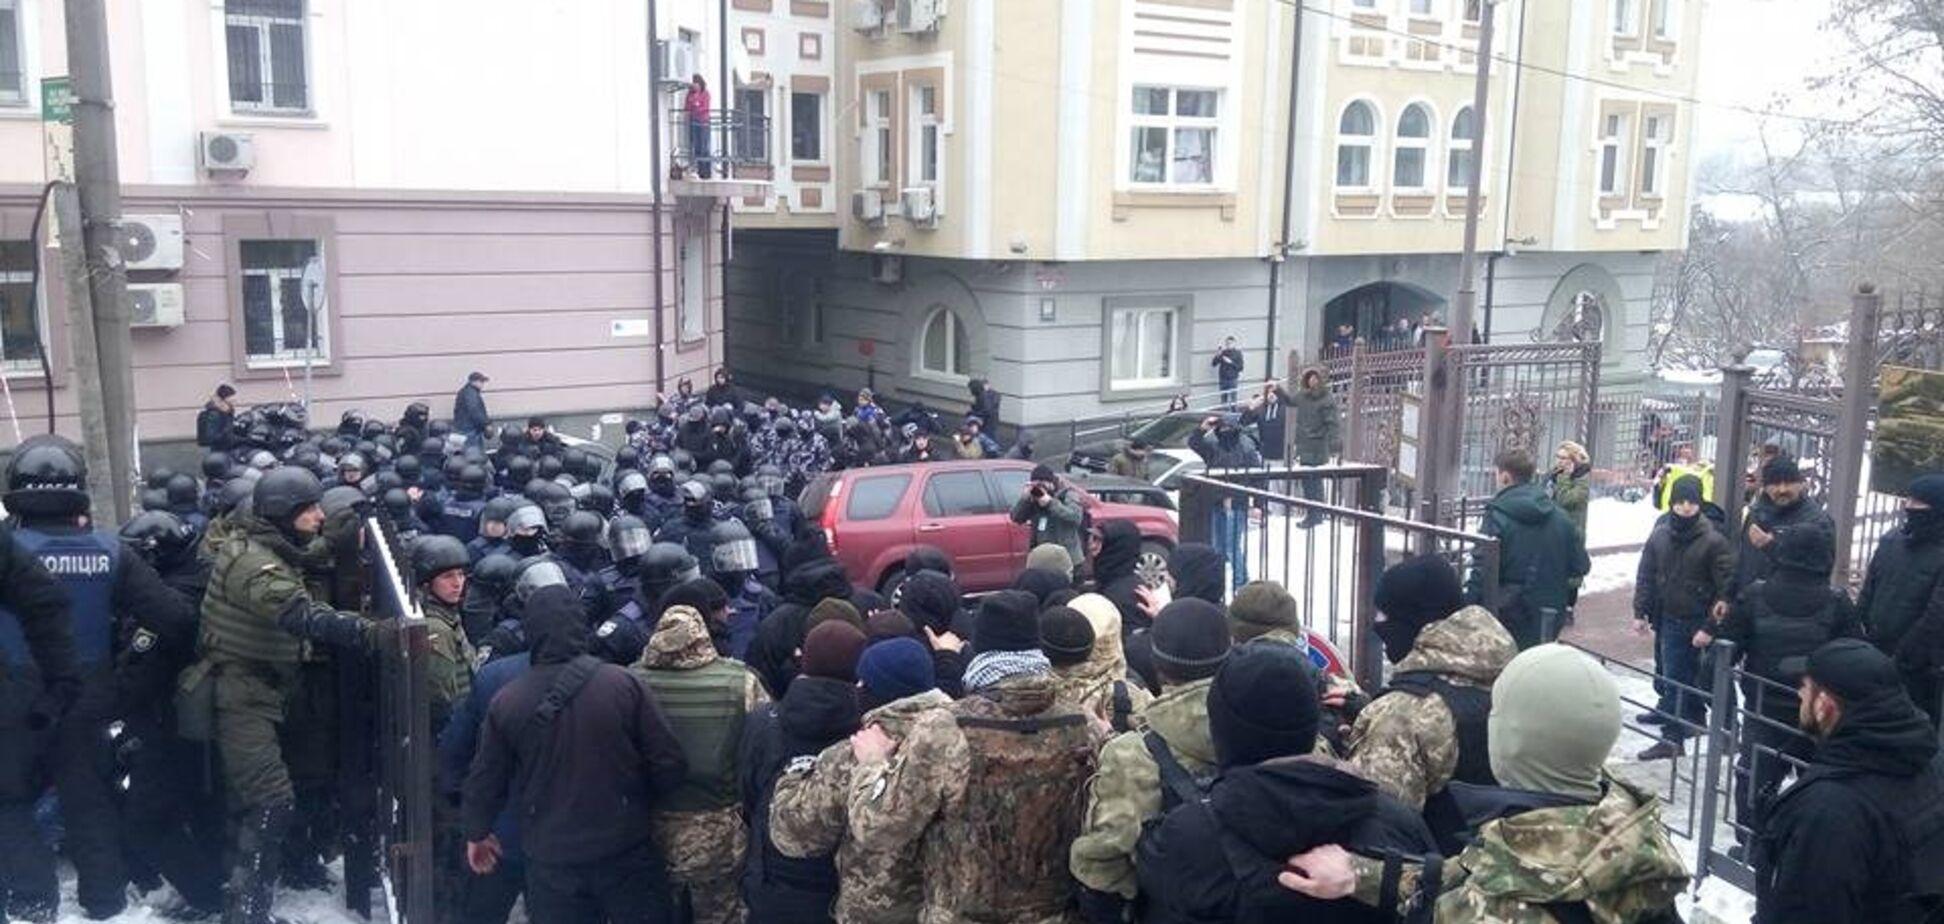 Ранение полицейского возле суда Киева: всплыли детали о личности стрелка